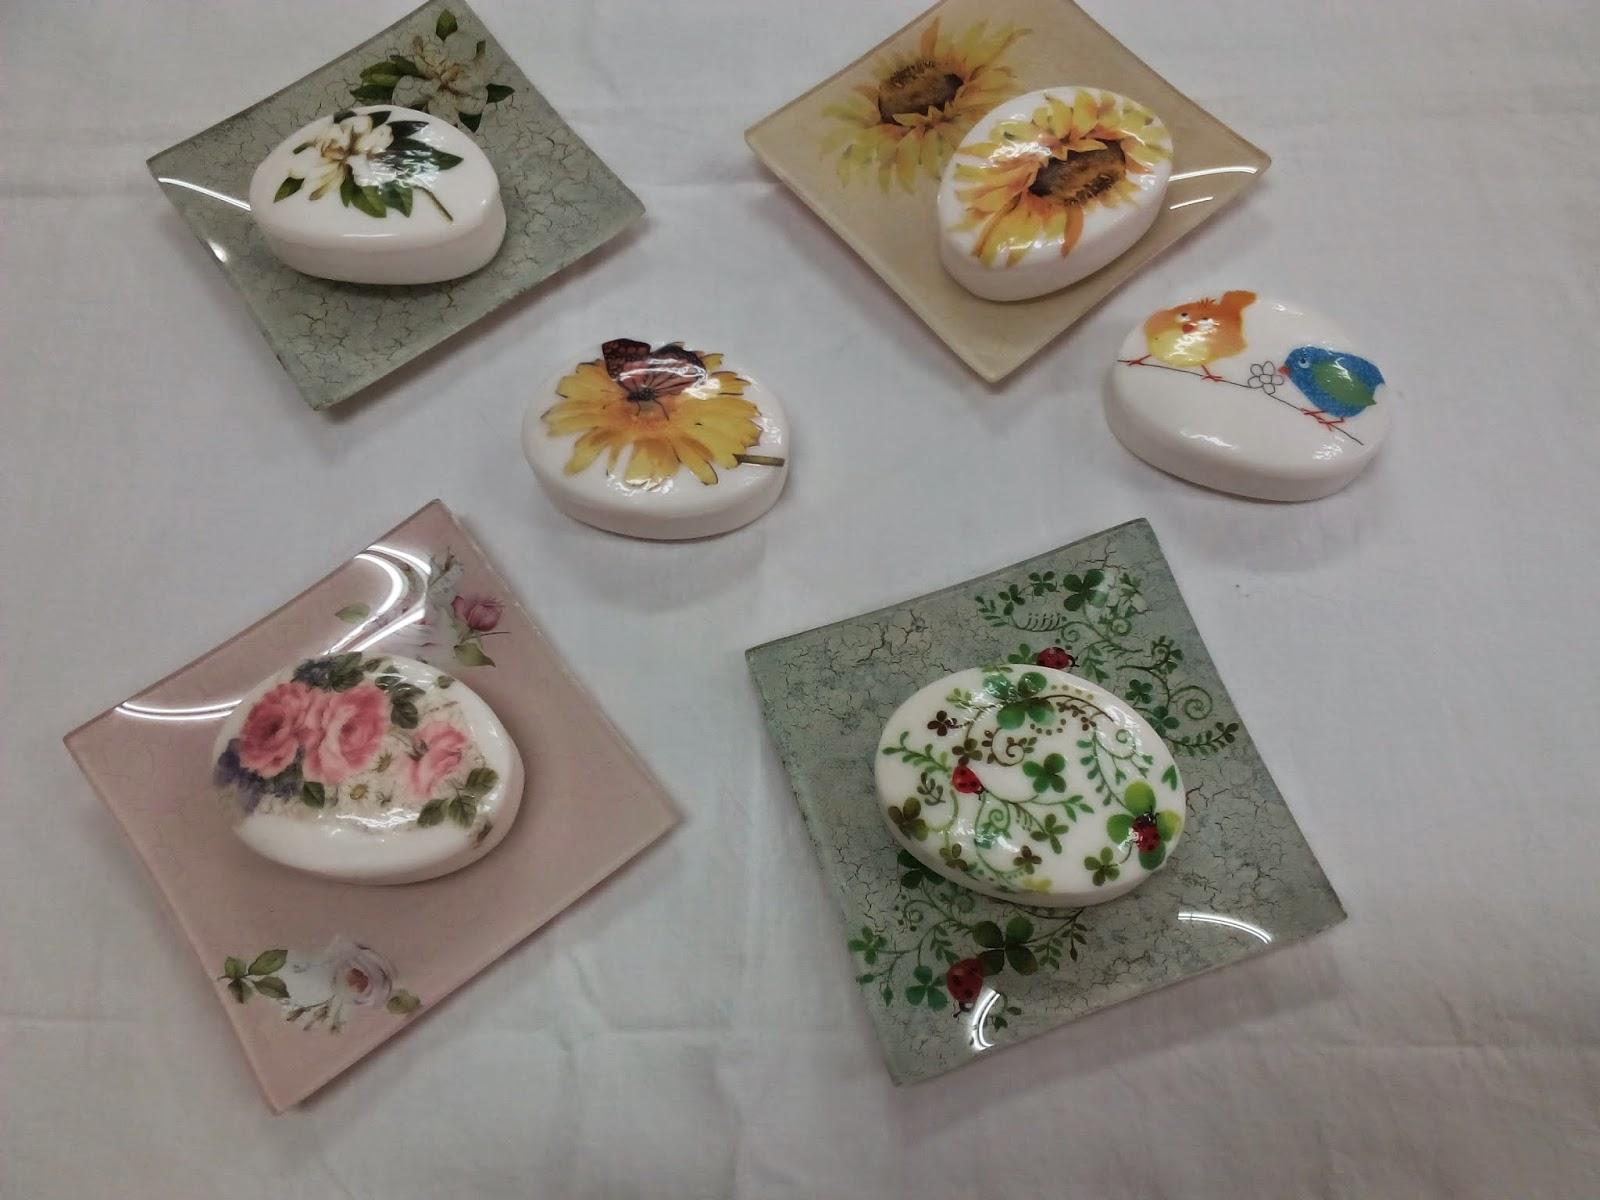 El rinc n de carmen y sus manualidades jabones con decoupage - Papel de arroz para decorar muebles ...